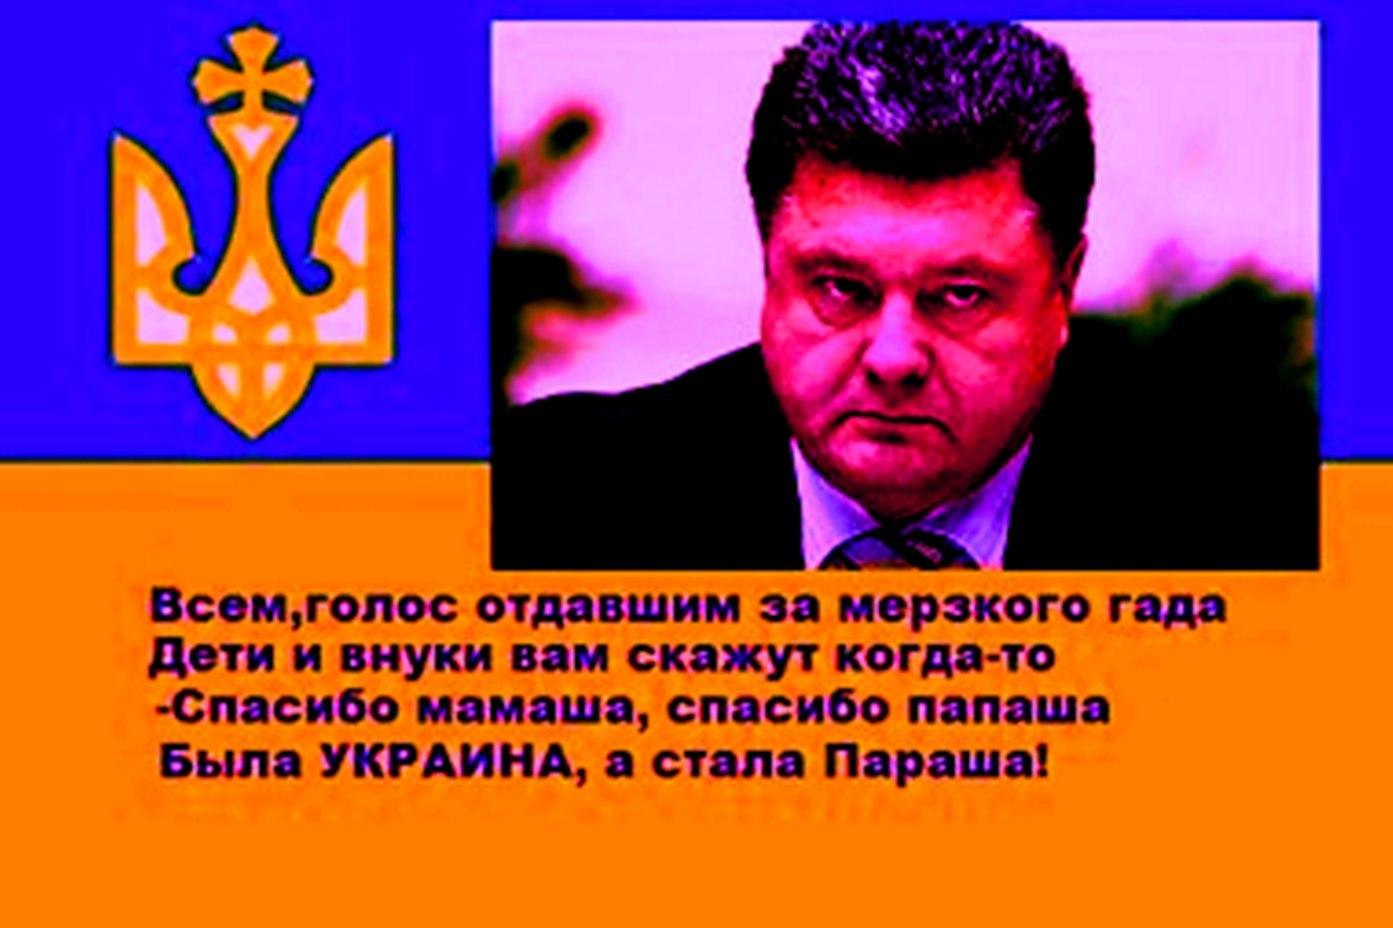 Закон о люстрации 5 недель без движения лежит в АП, - Соболев - Цензор.НЕТ 5660